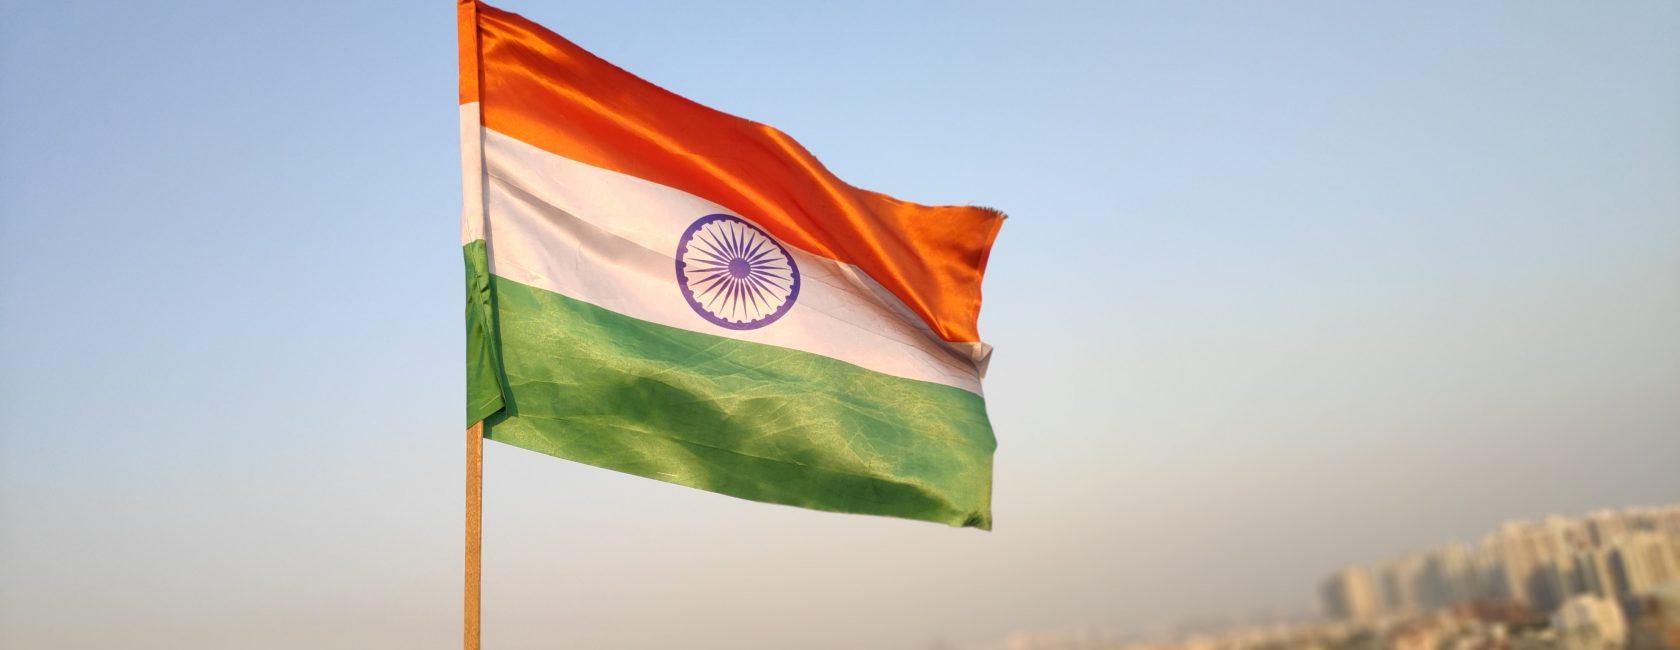 सिर्फ भाषा ही नहीं, भारतीयों की पहचान है हिंदी!